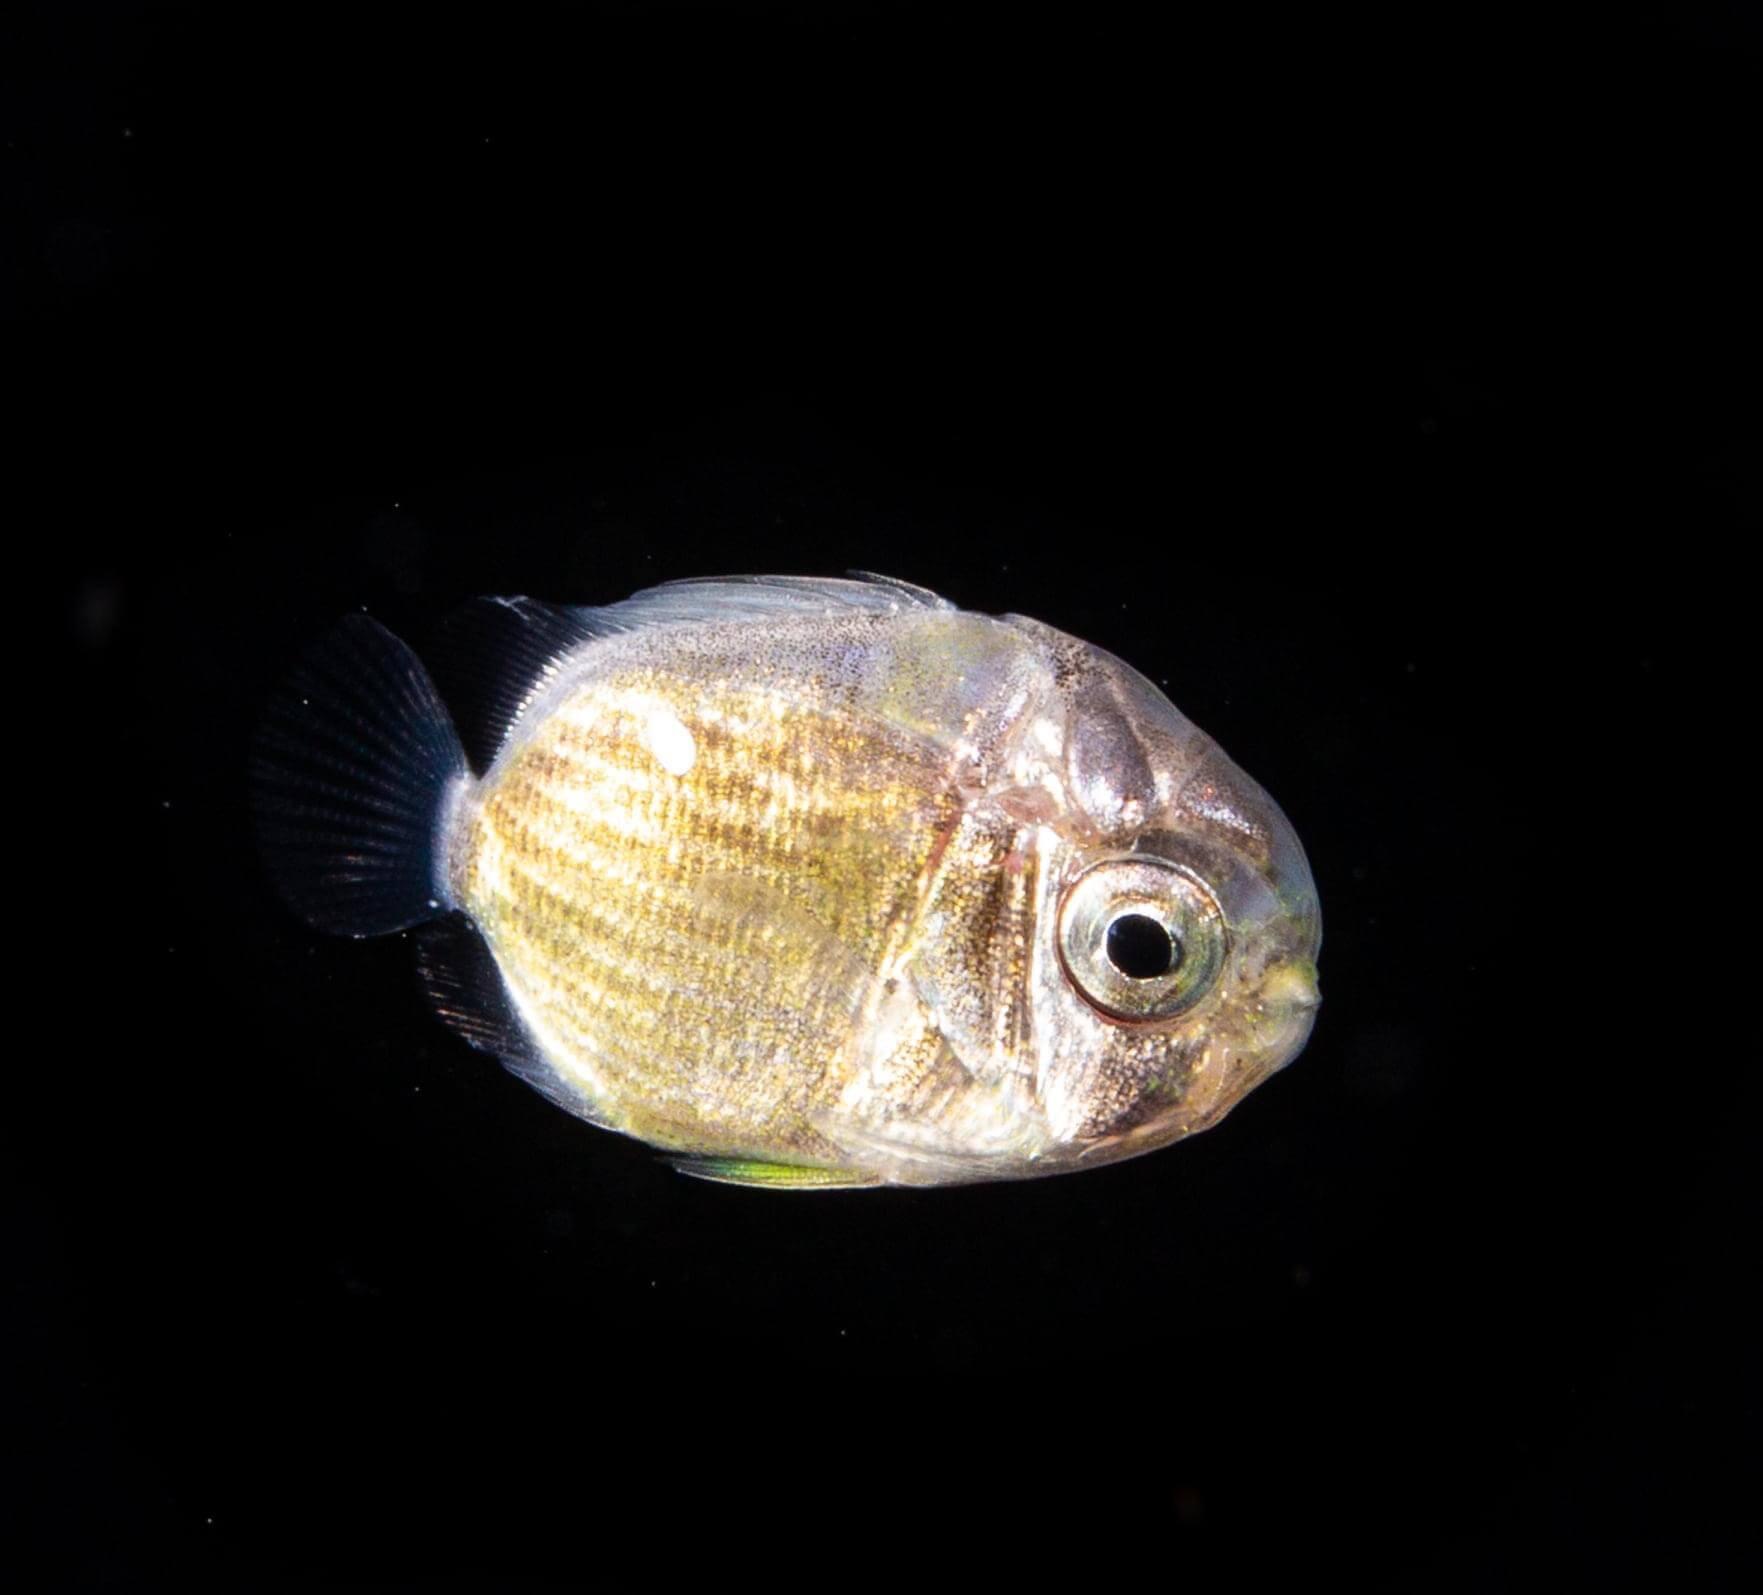 トリクチス(チョウチョウウオ科の稚魚) Photo by Yoichi Takigawa